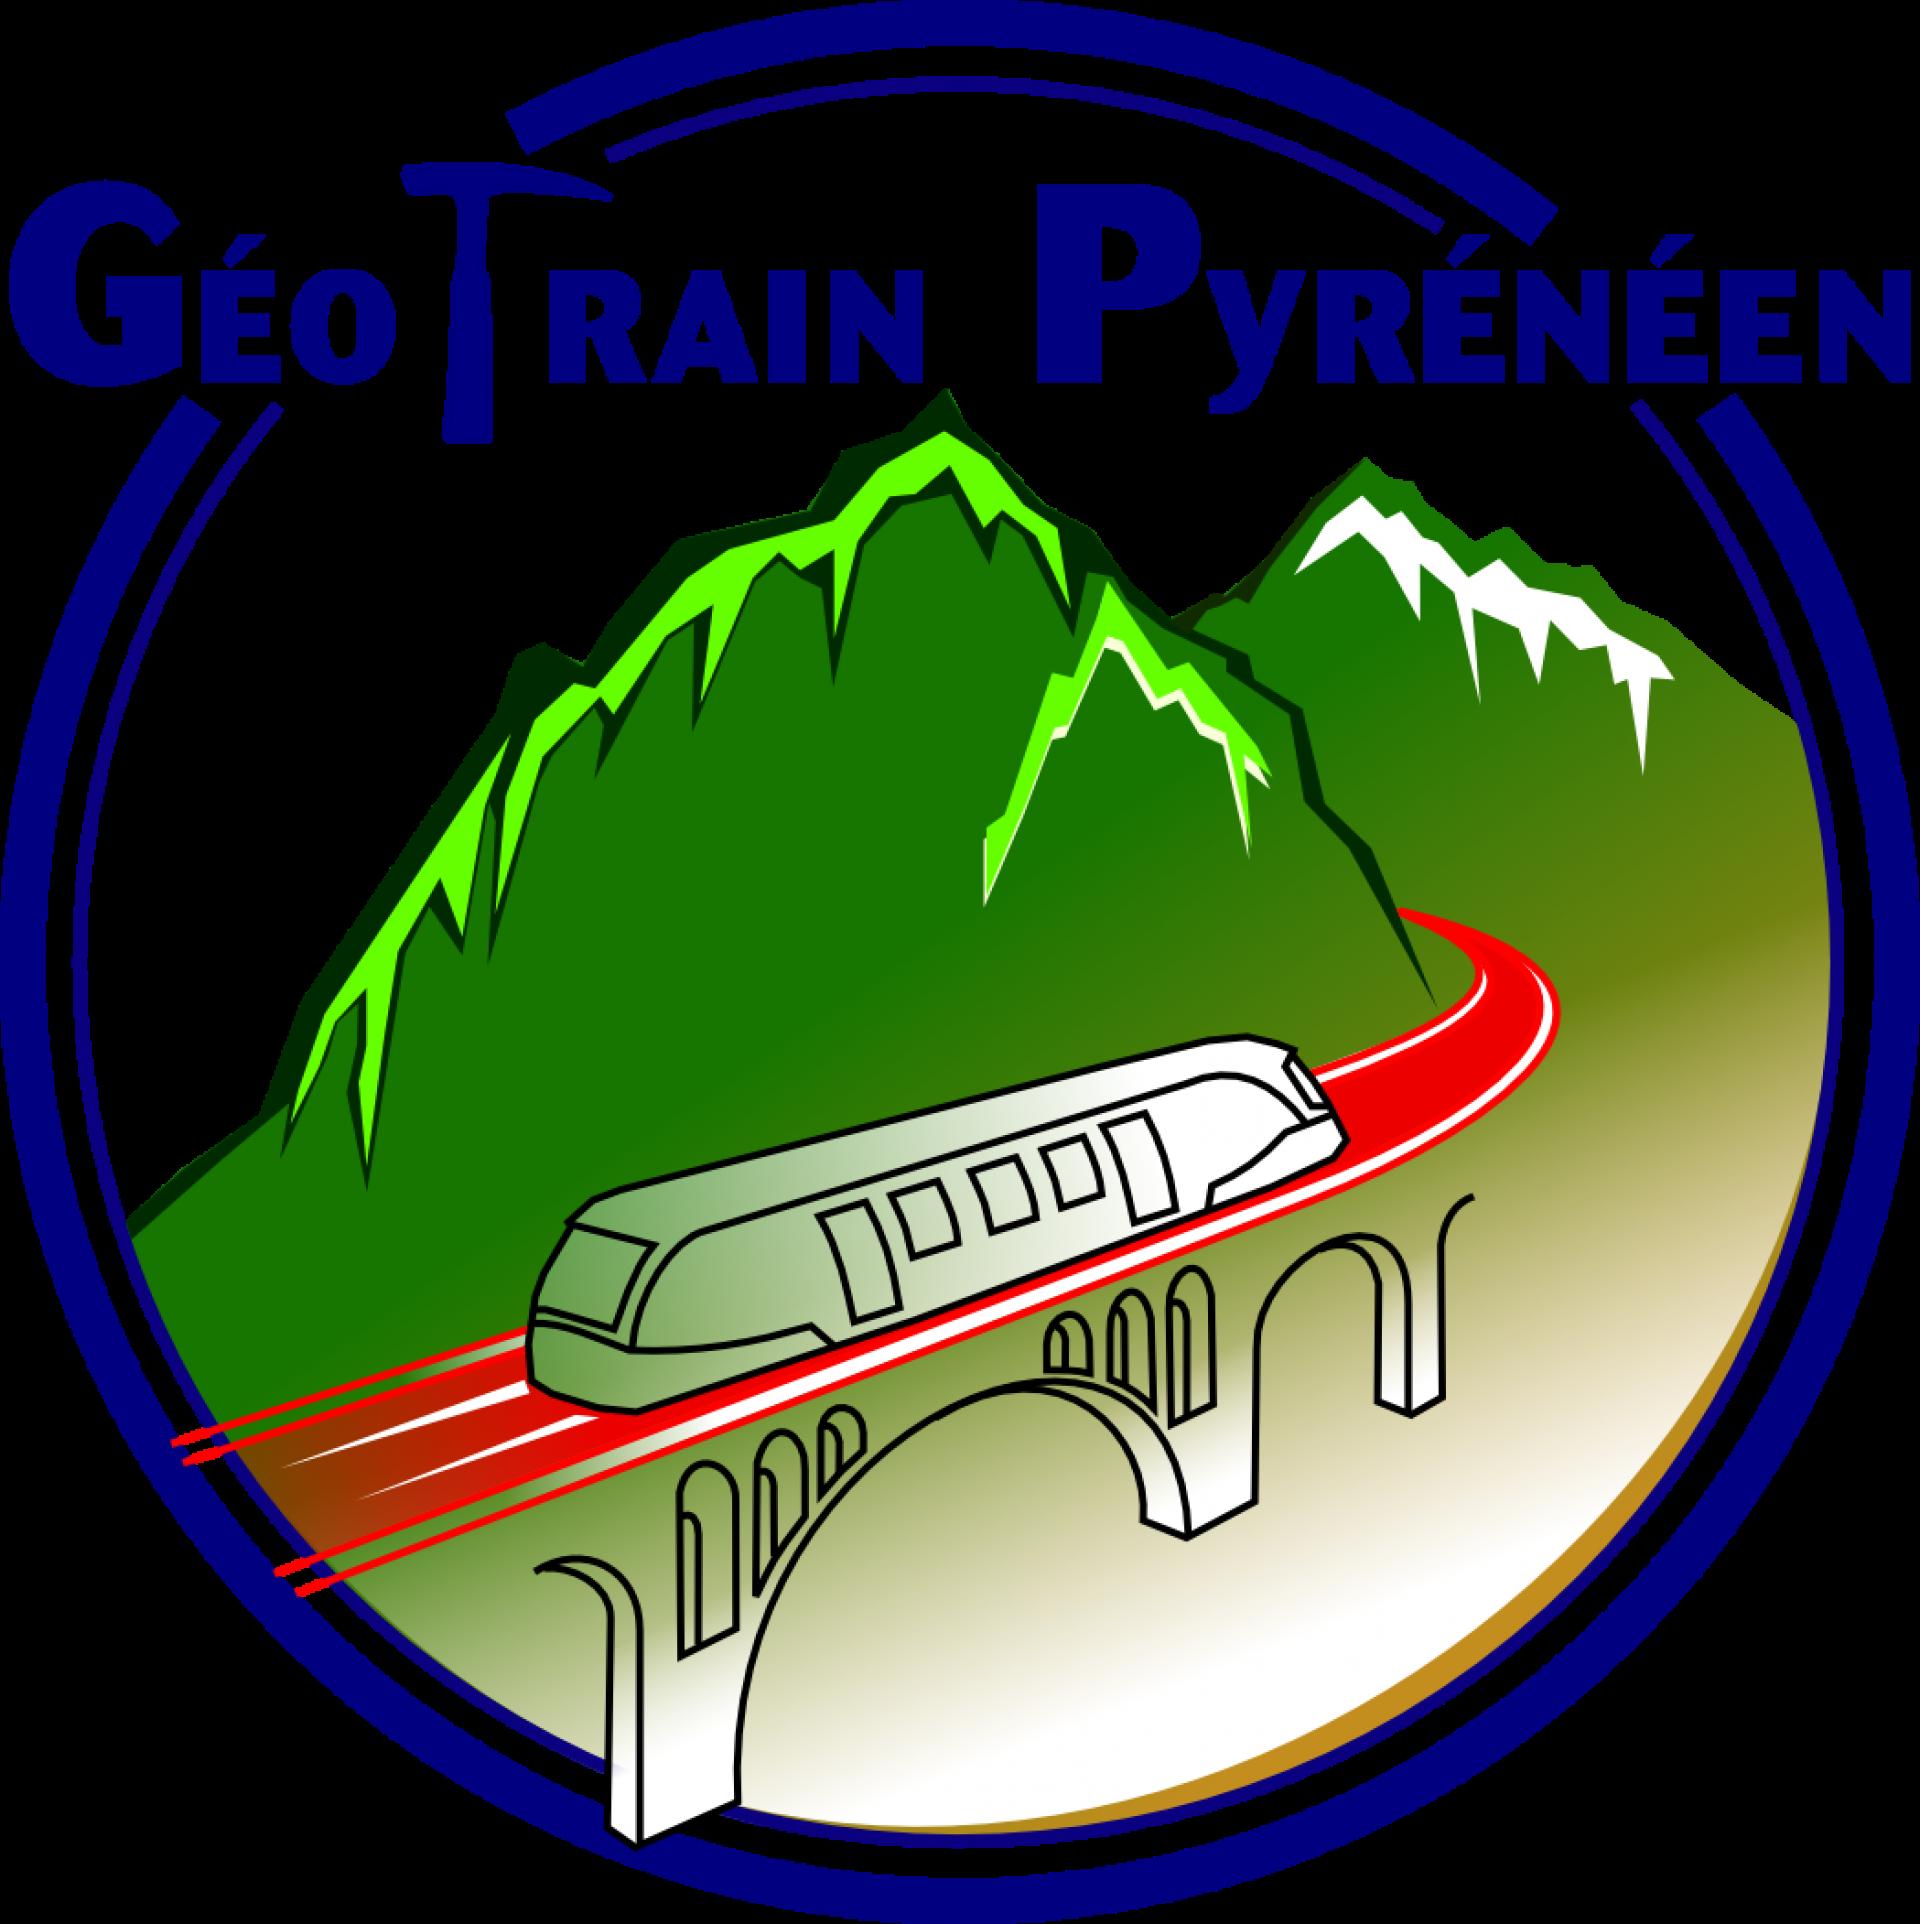 Logo Géotrain Pyrénéen (Béarn)